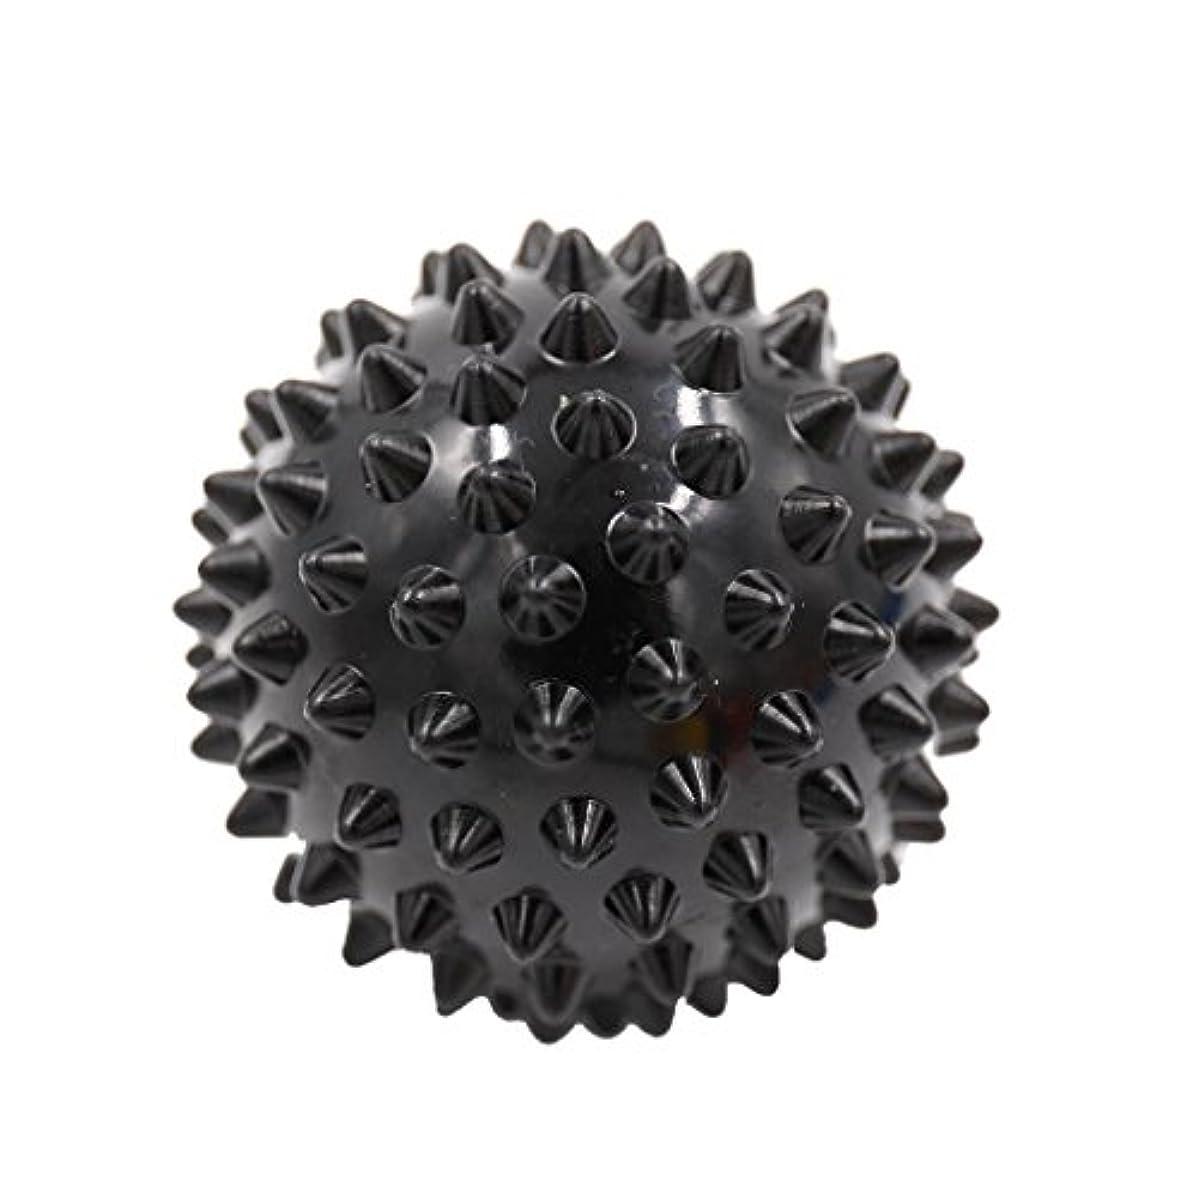 報いる土地アーカイブSONONIA マッサージボール マッサージ器 マッサージャー リラックス スパイク マッサージボール 高品質 3色選べ - ブラック